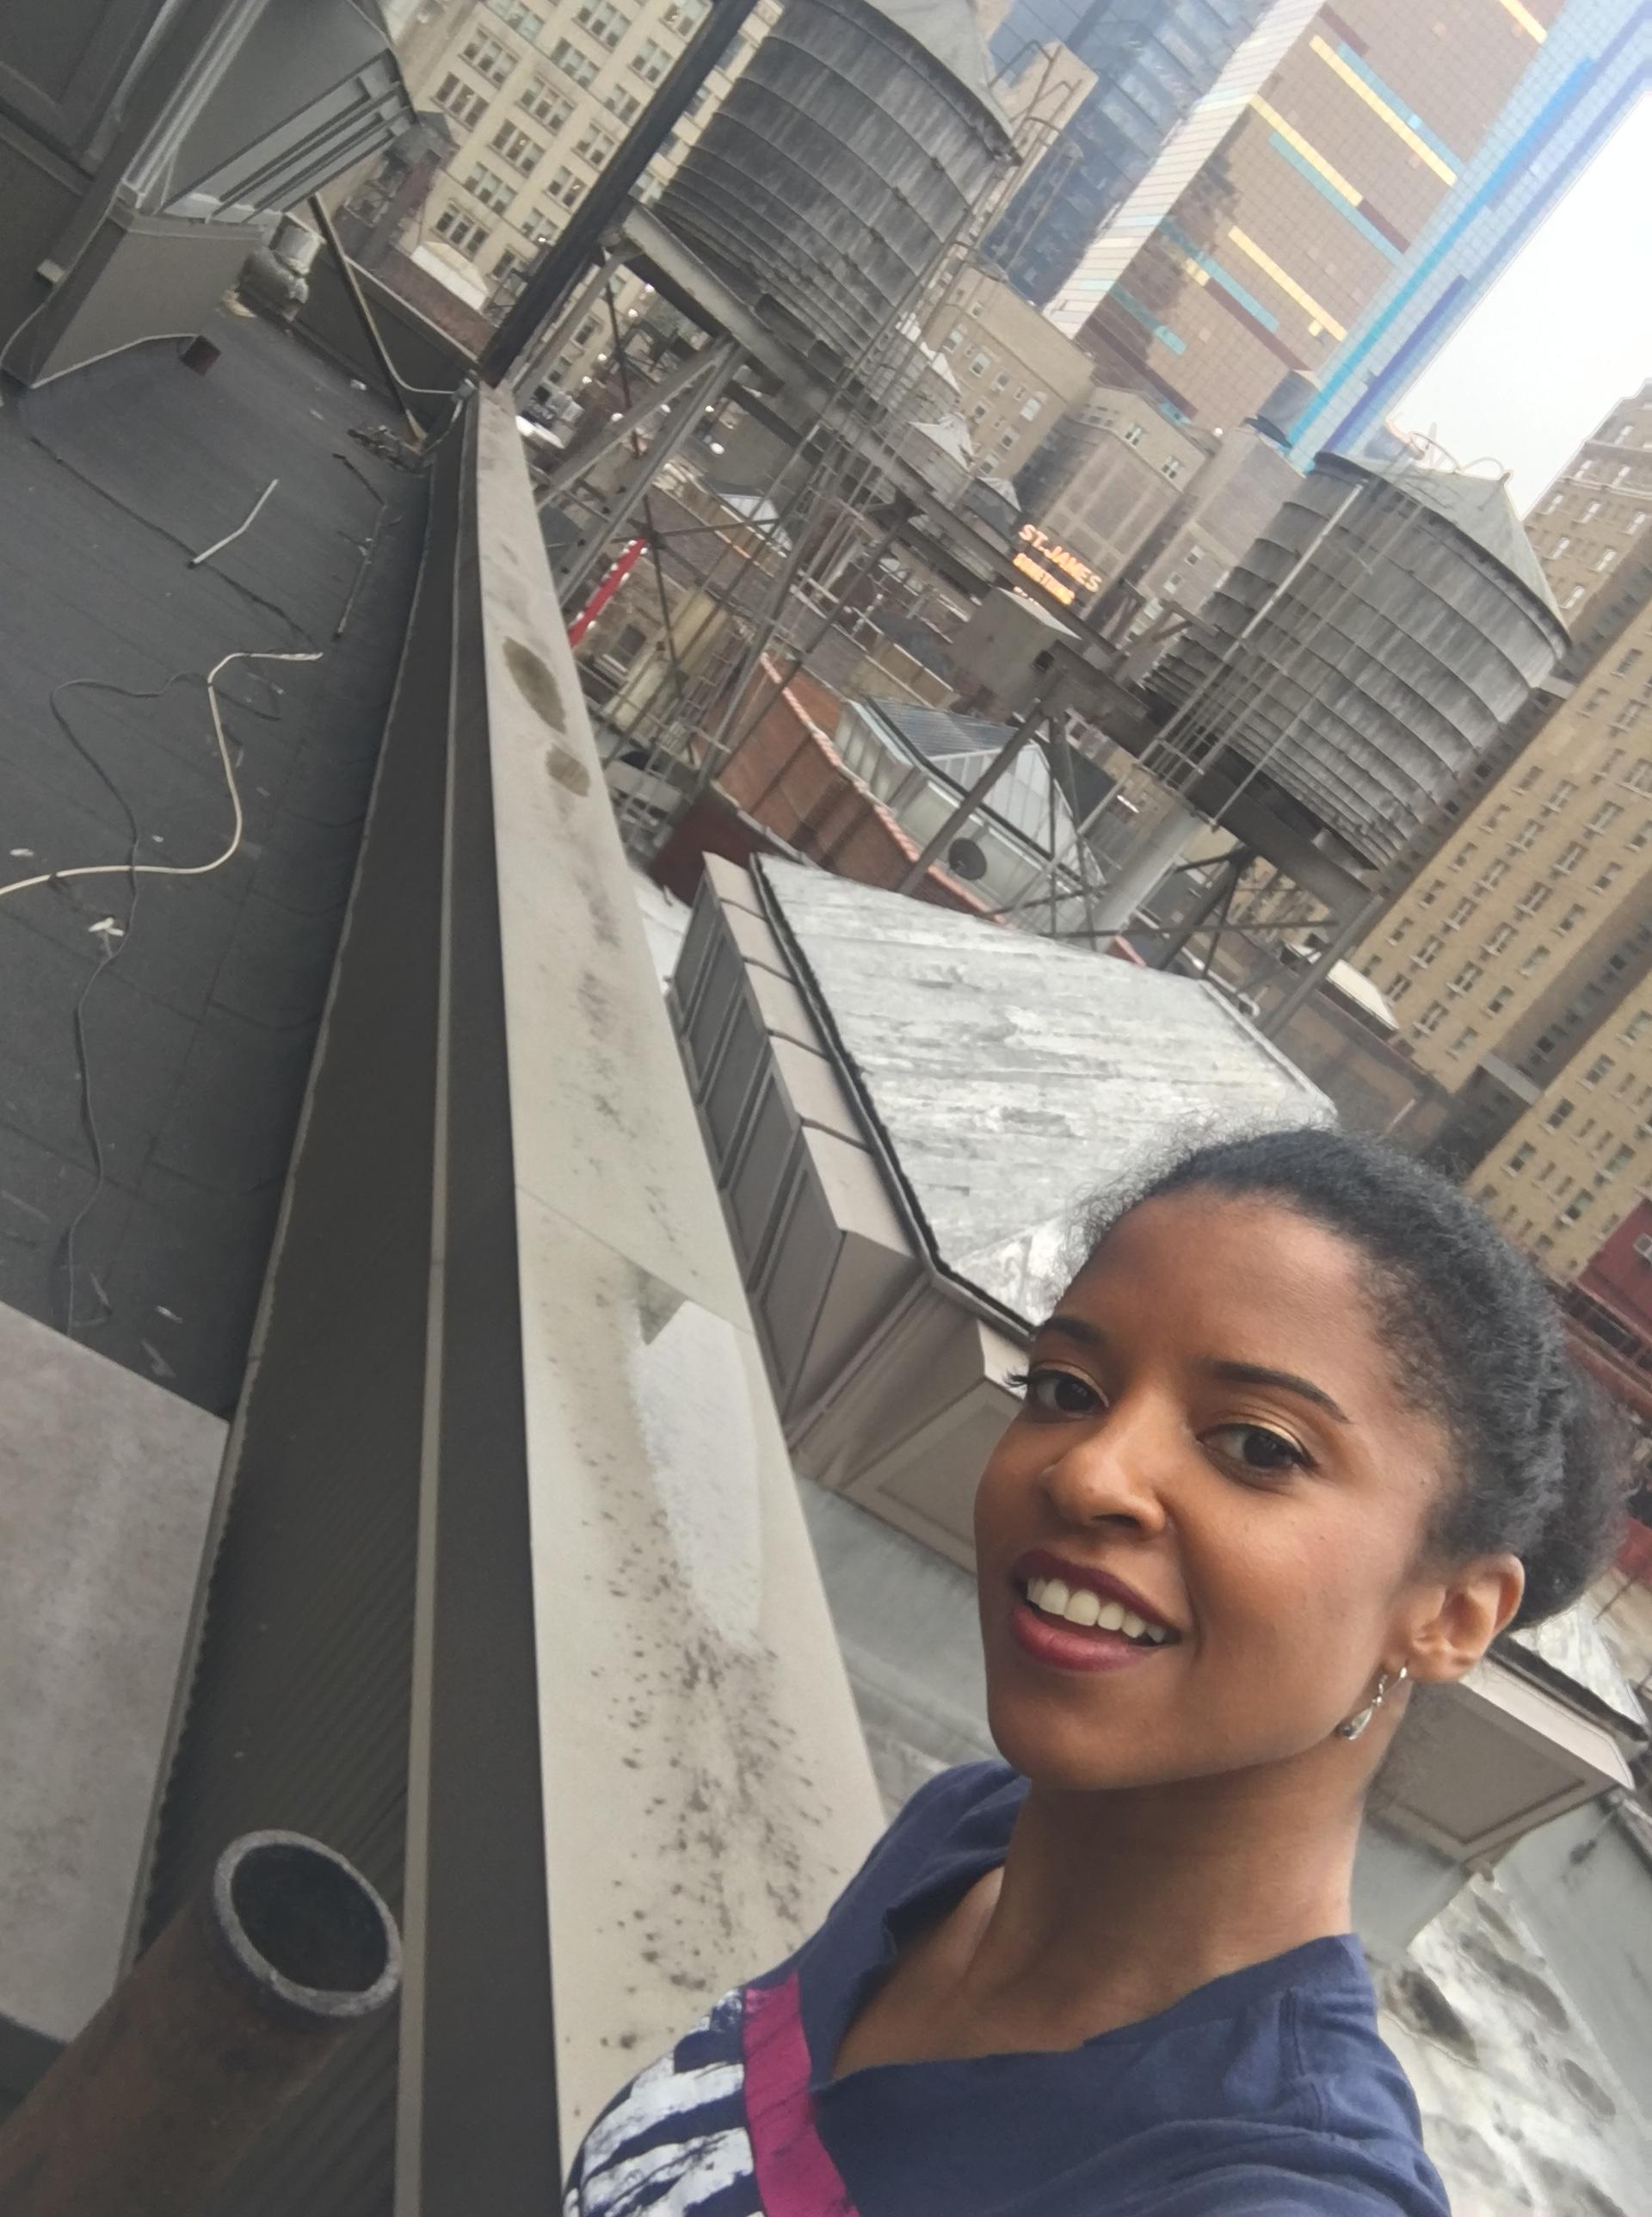 Selfie courtesy Renée Elise Goldsberry